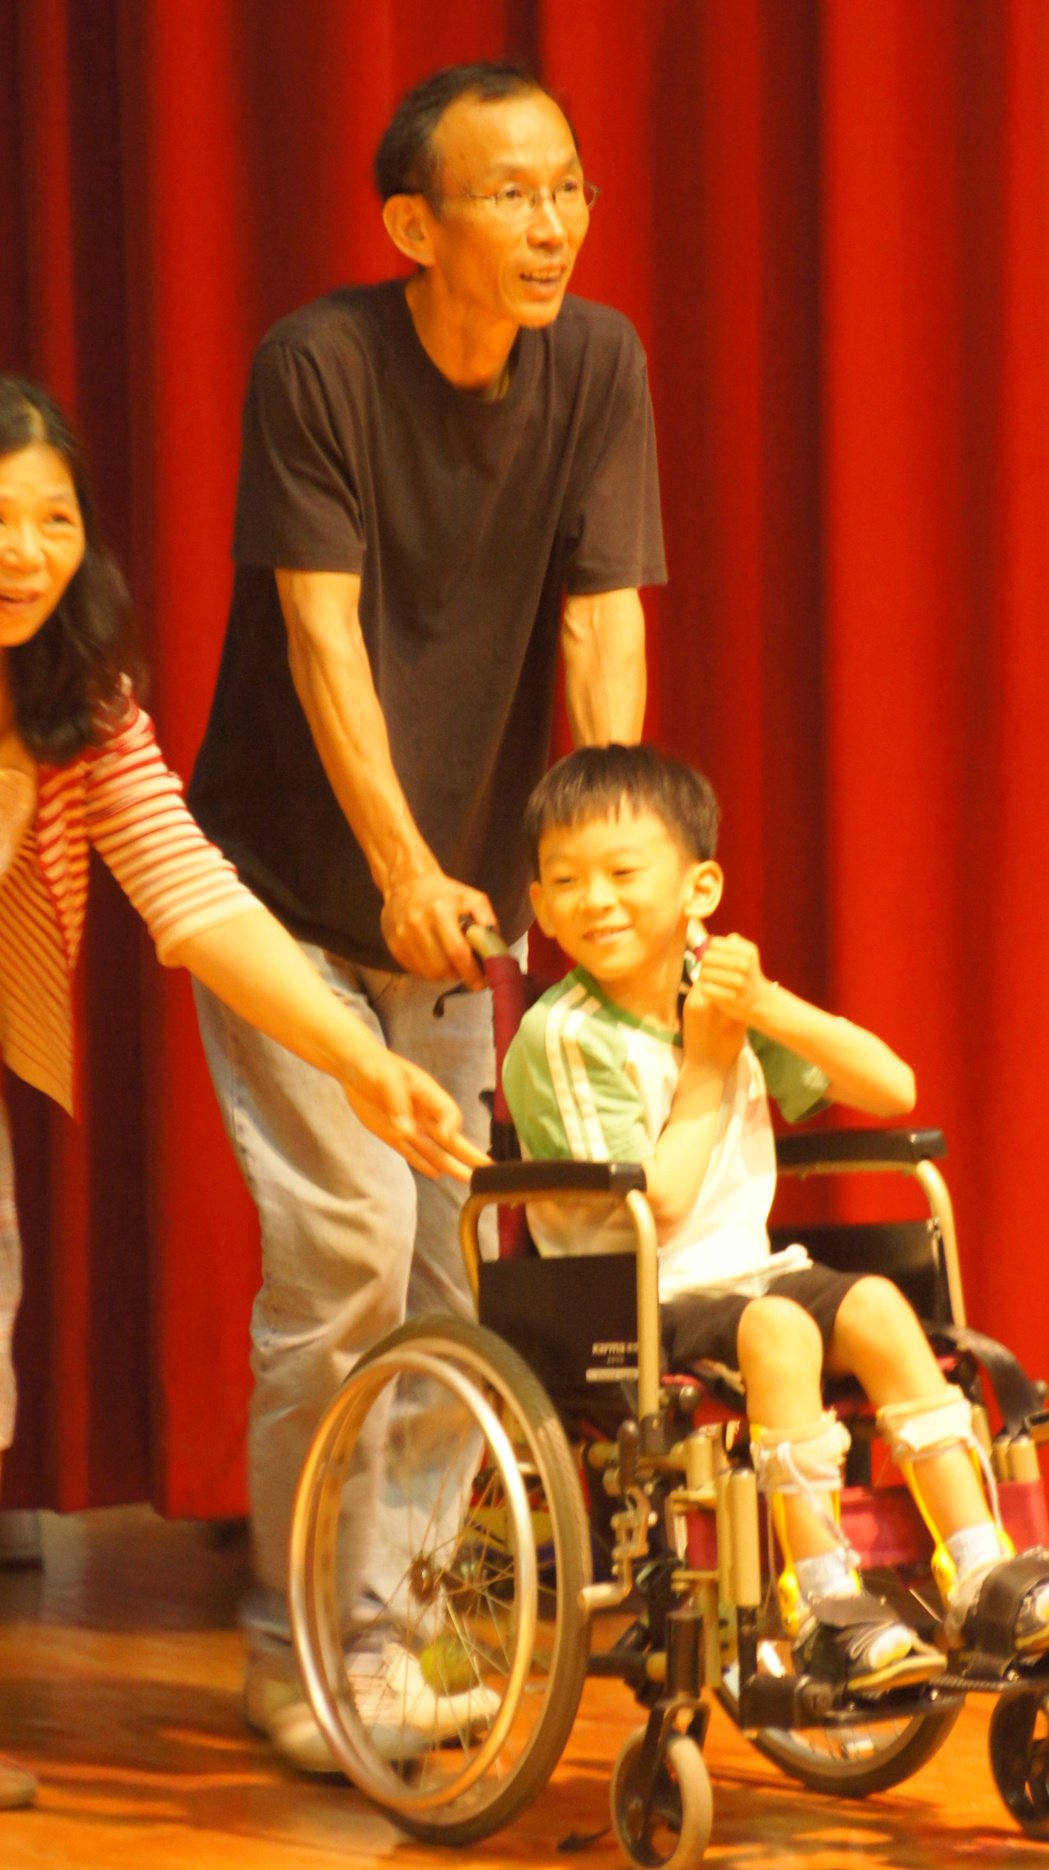 10歲腦麻男童林易從小輪椅代步,但音樂豐富他的內心,自學作曲,林父鼓勵林易投稿參...